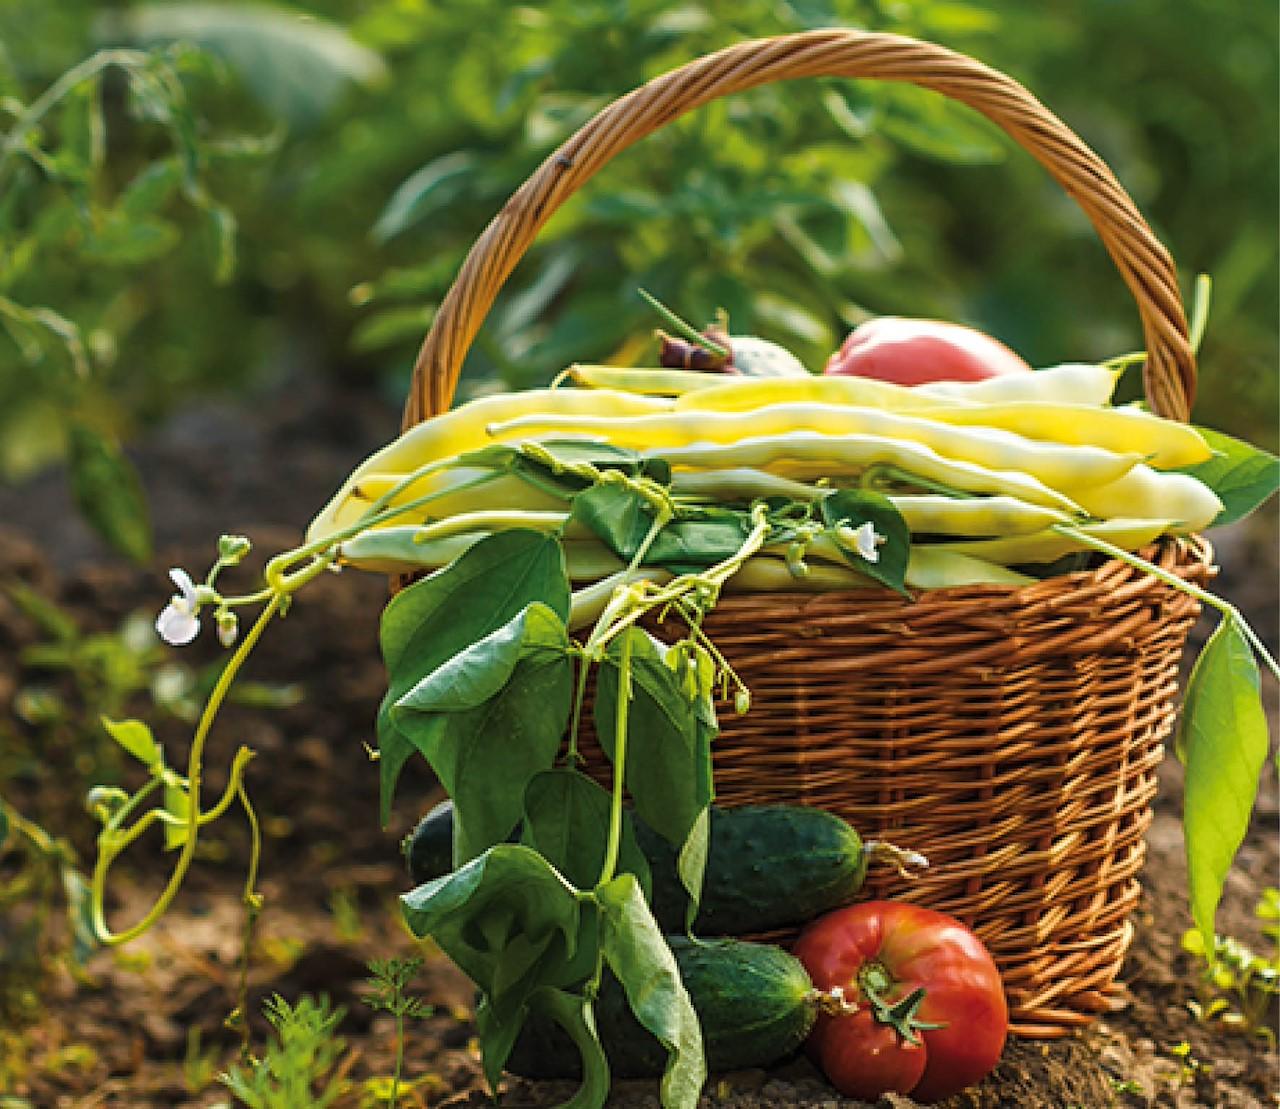 Moestuin september: de zomer oogsten & de herfst zaaien